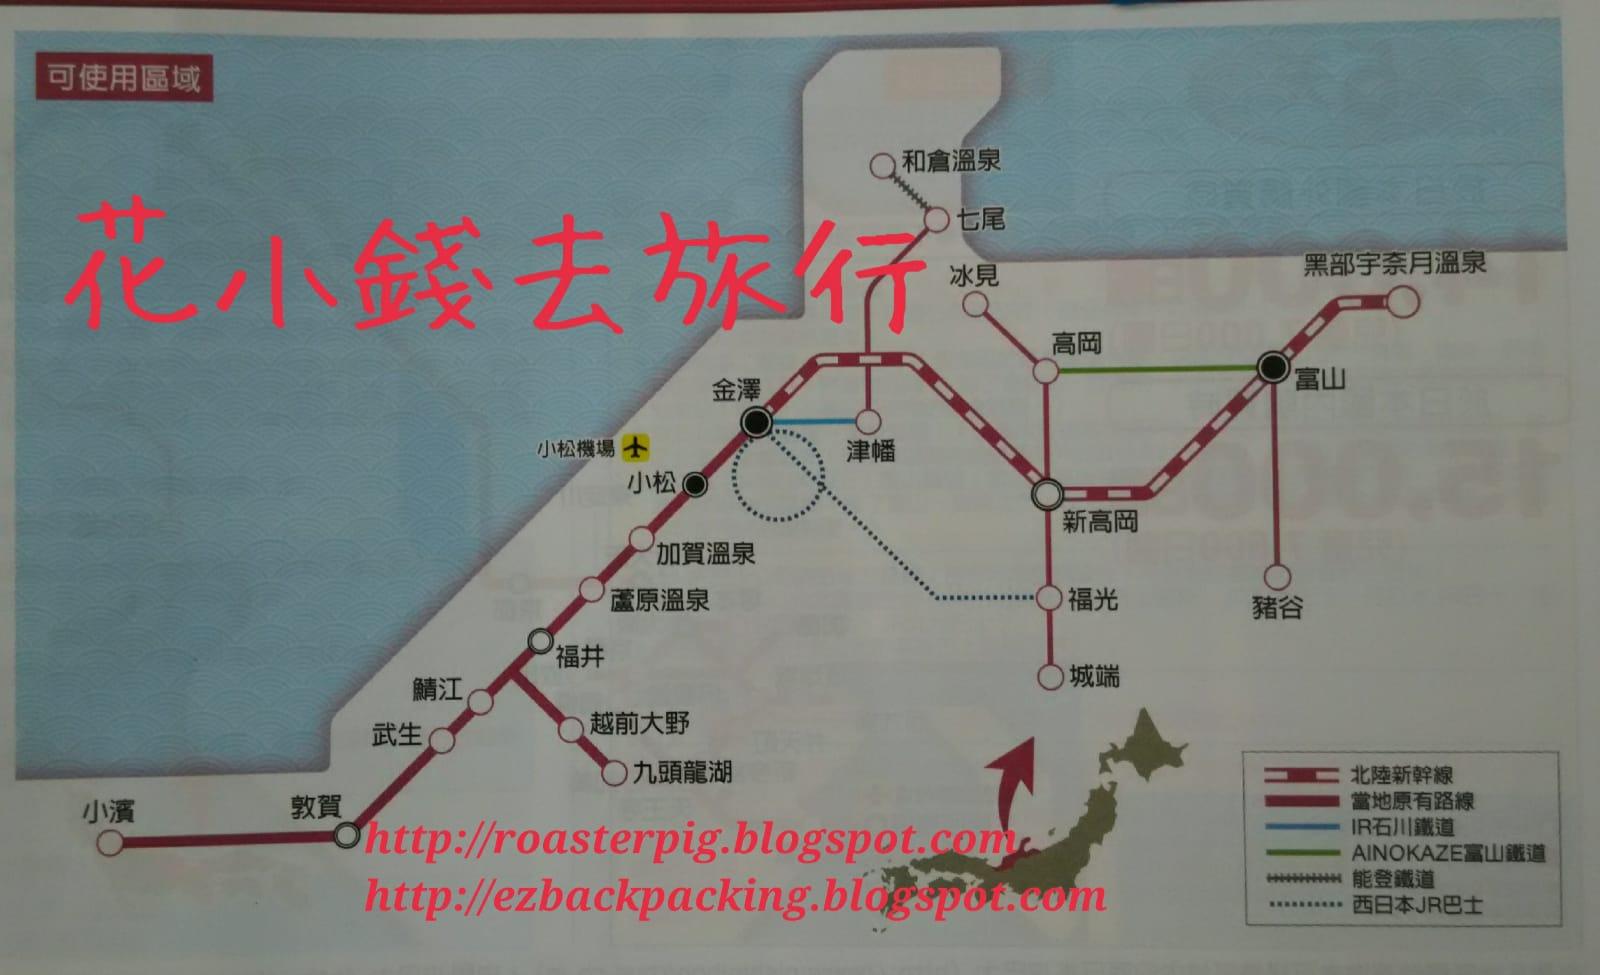 JR北陸周遊券路線圖